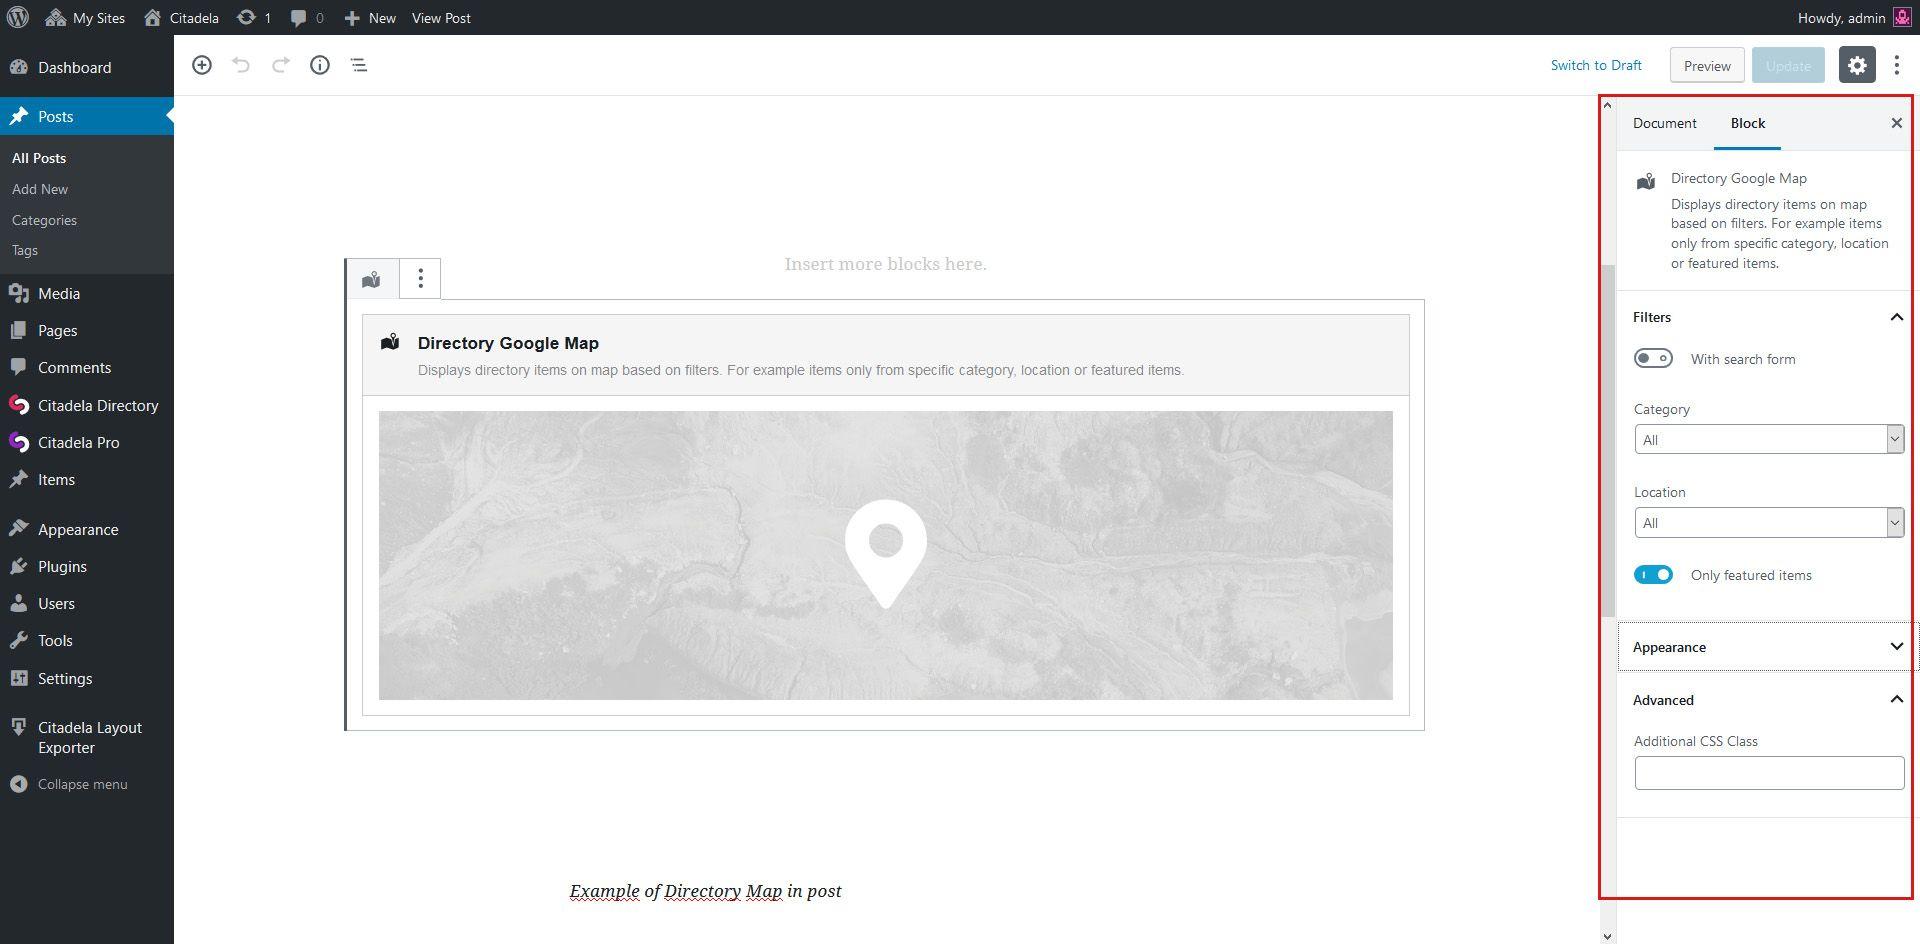 Google Map settings